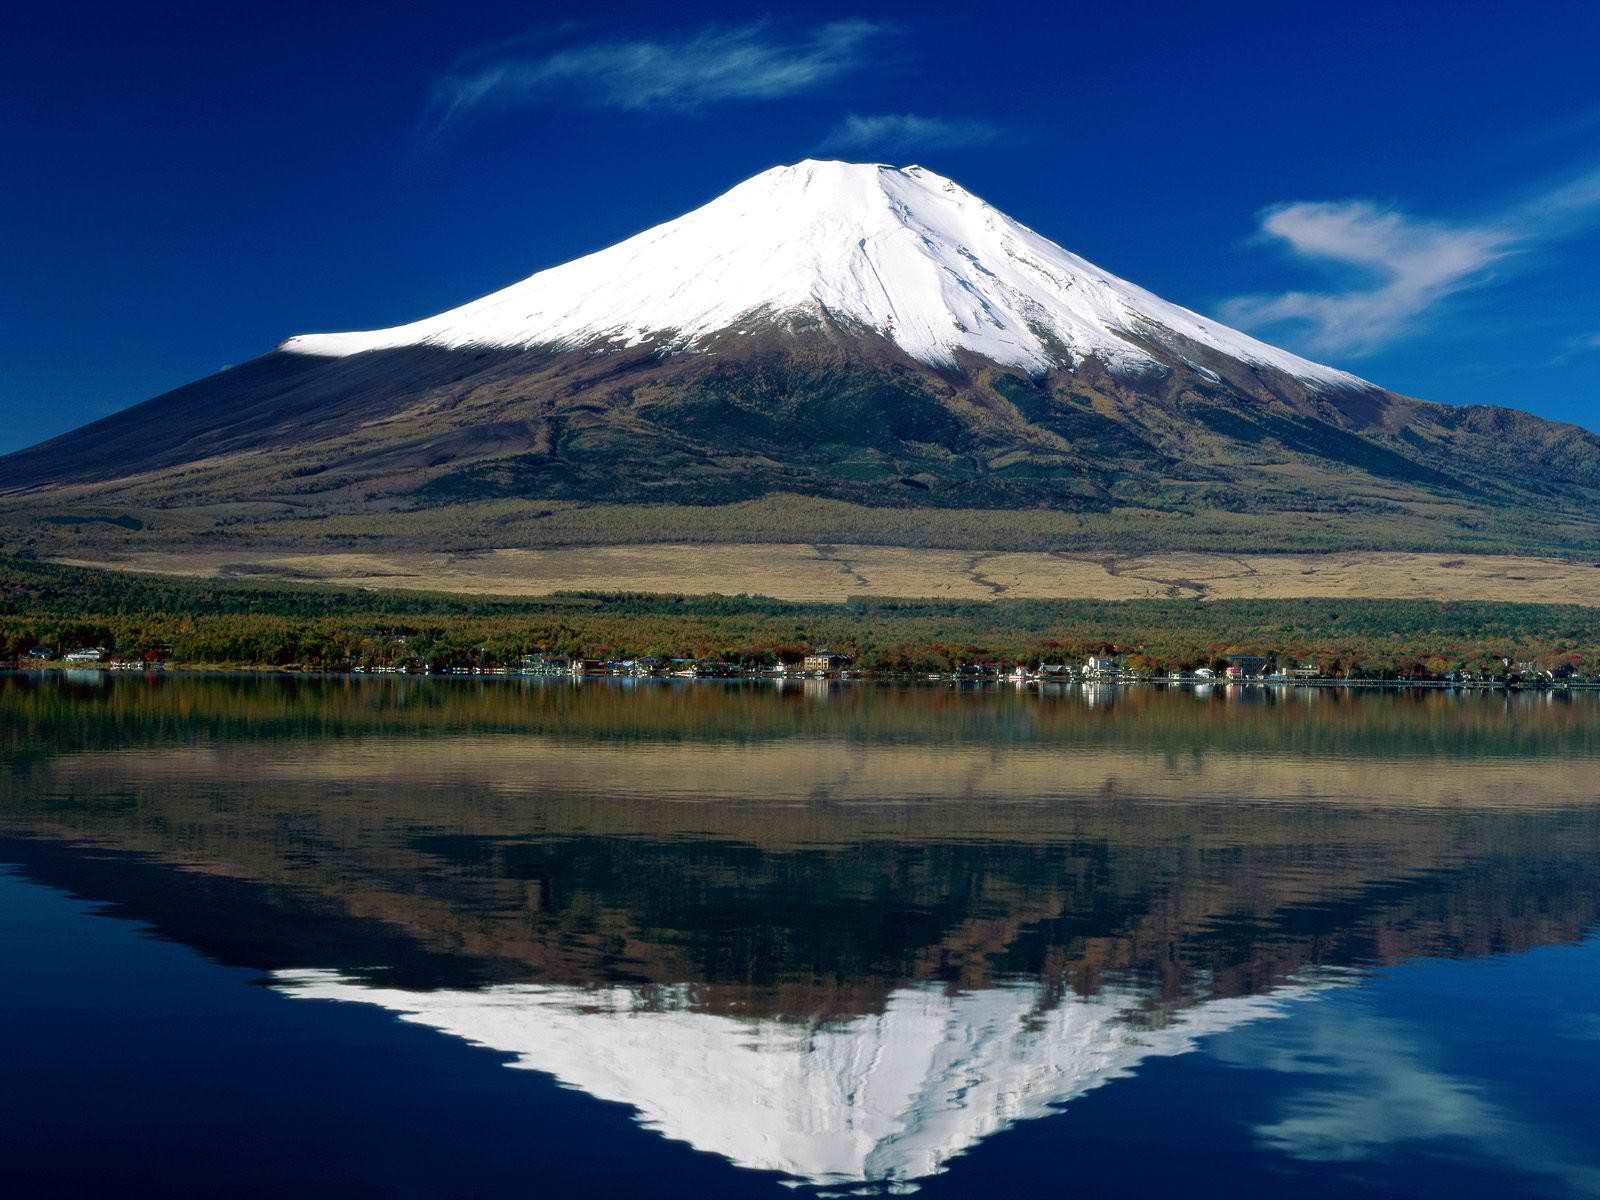 Muntele Fuji va avea in curand WiFi pentru a te ajuta sa-ti impartasesti selfie-urile pe retele sociale